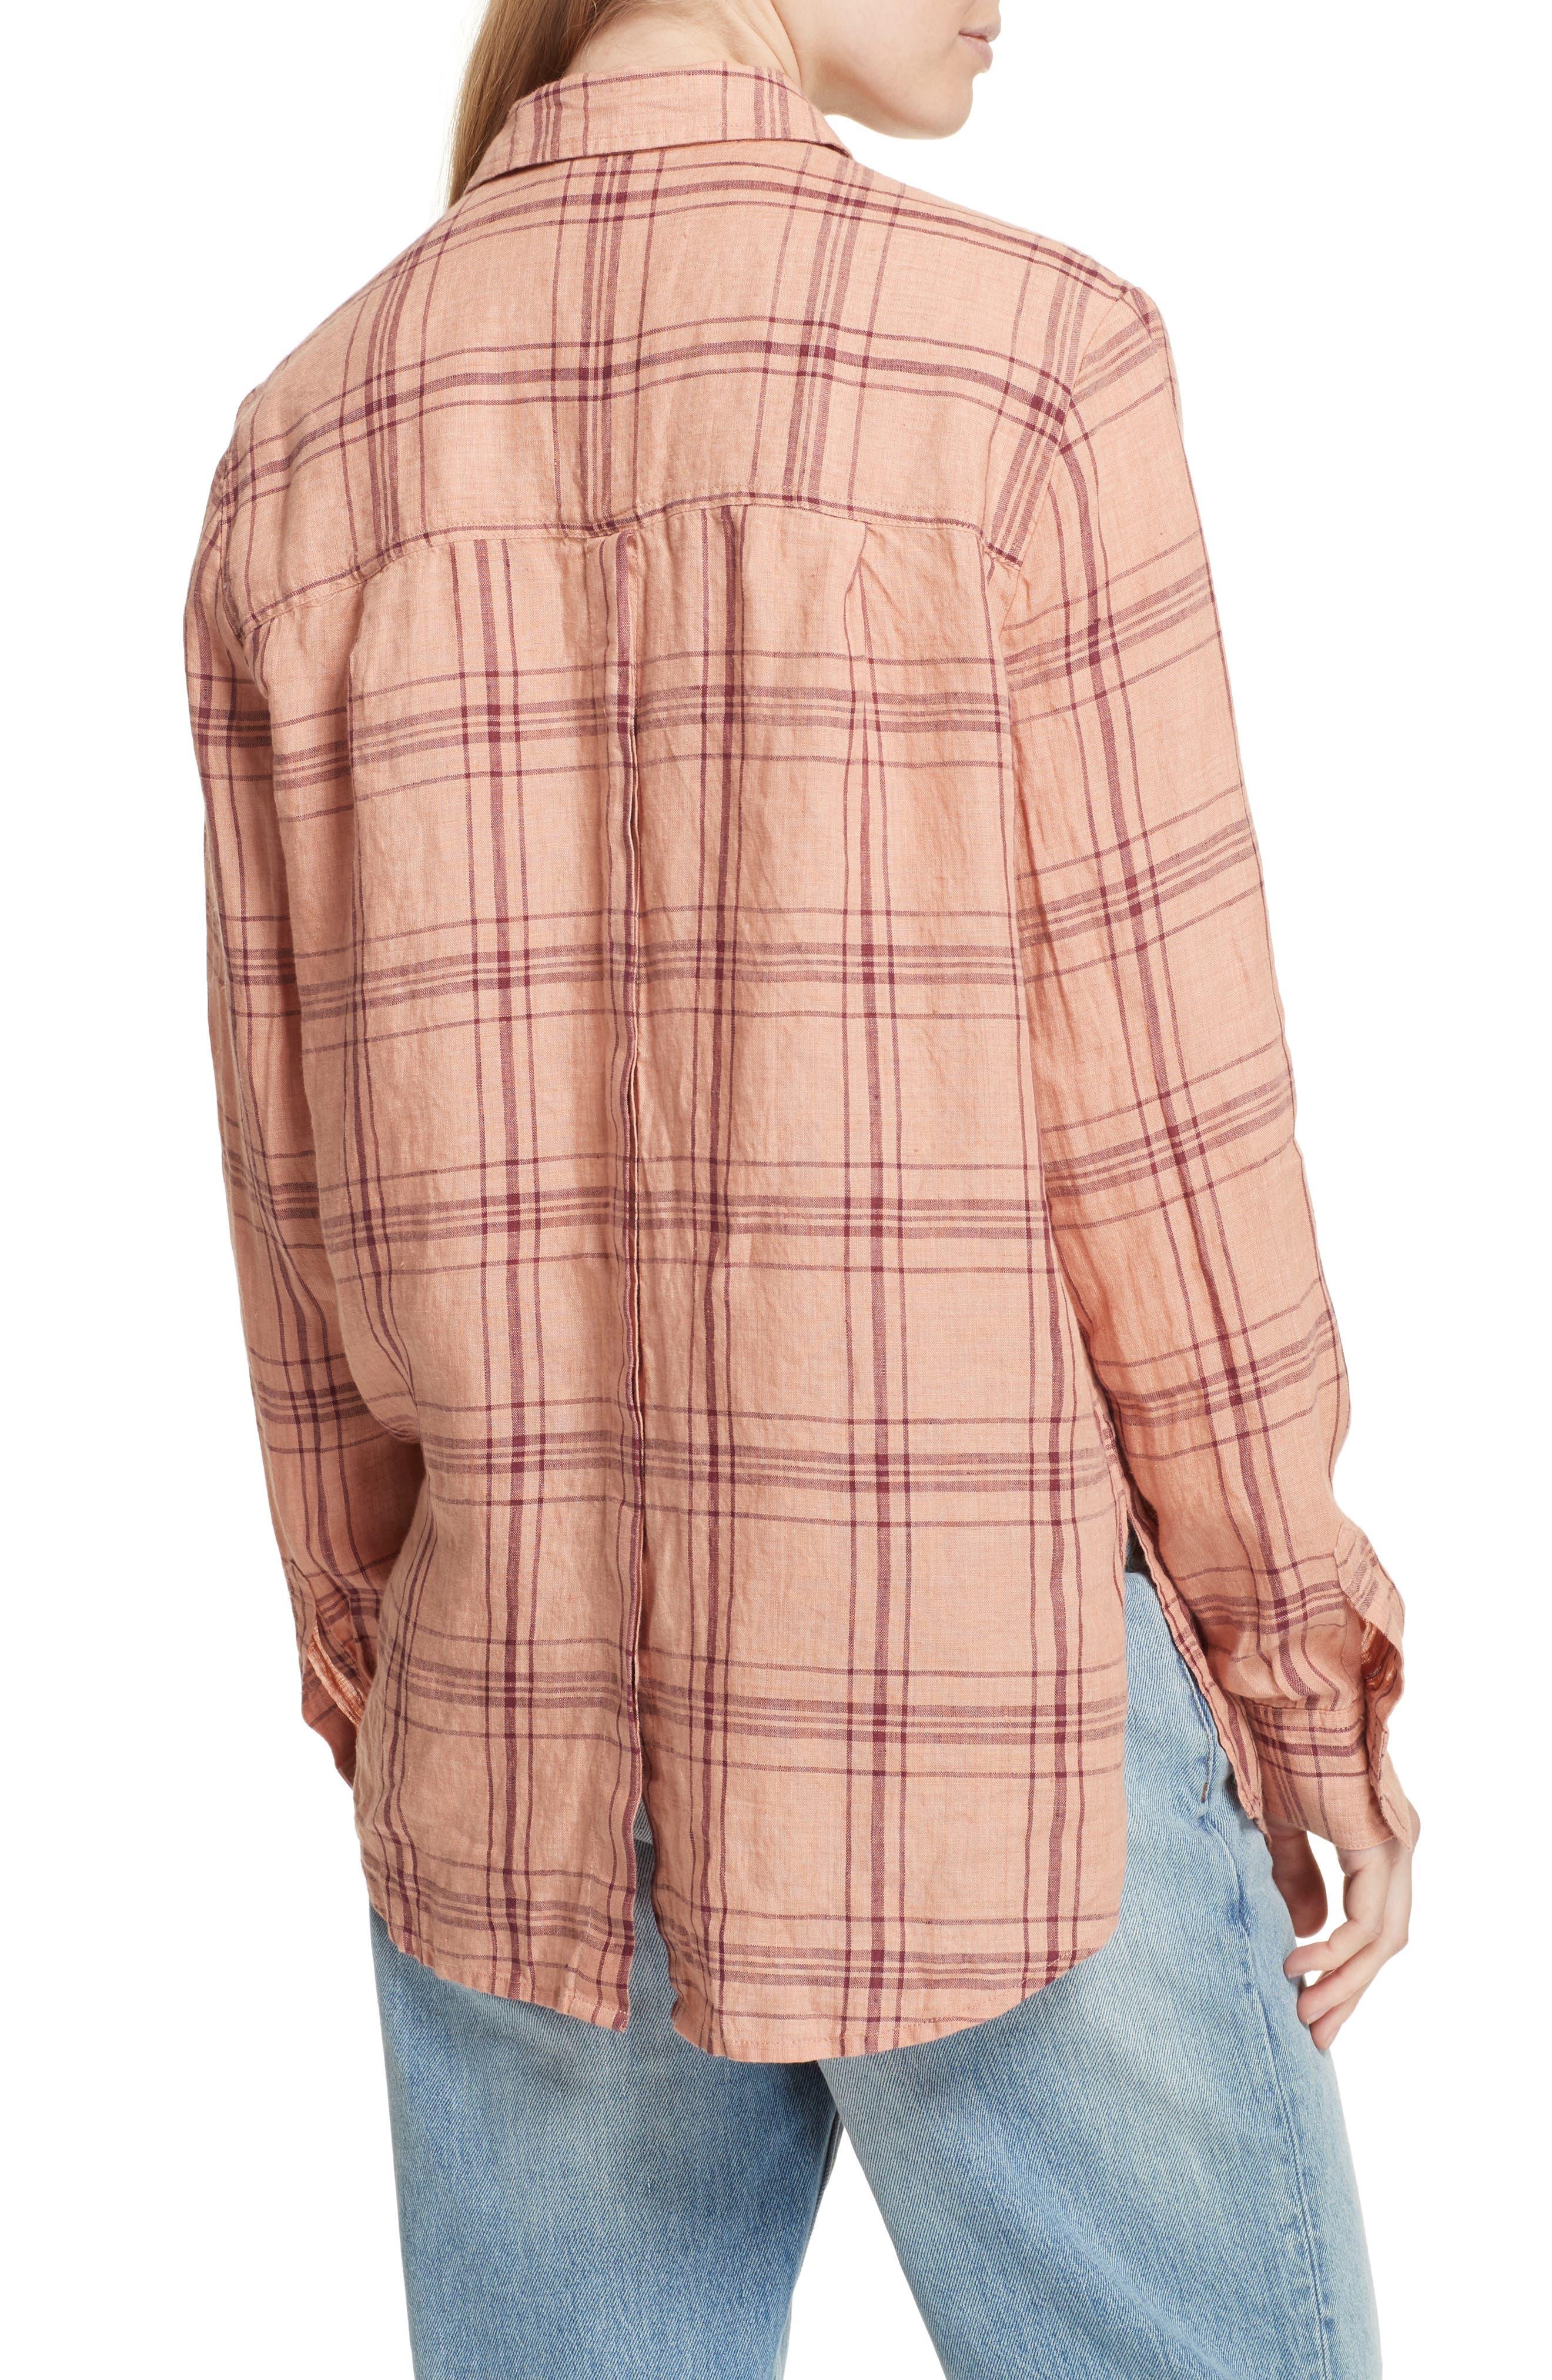 No Limits Plaid Linen Shirt,                             Alternate thumbnail 4, color,